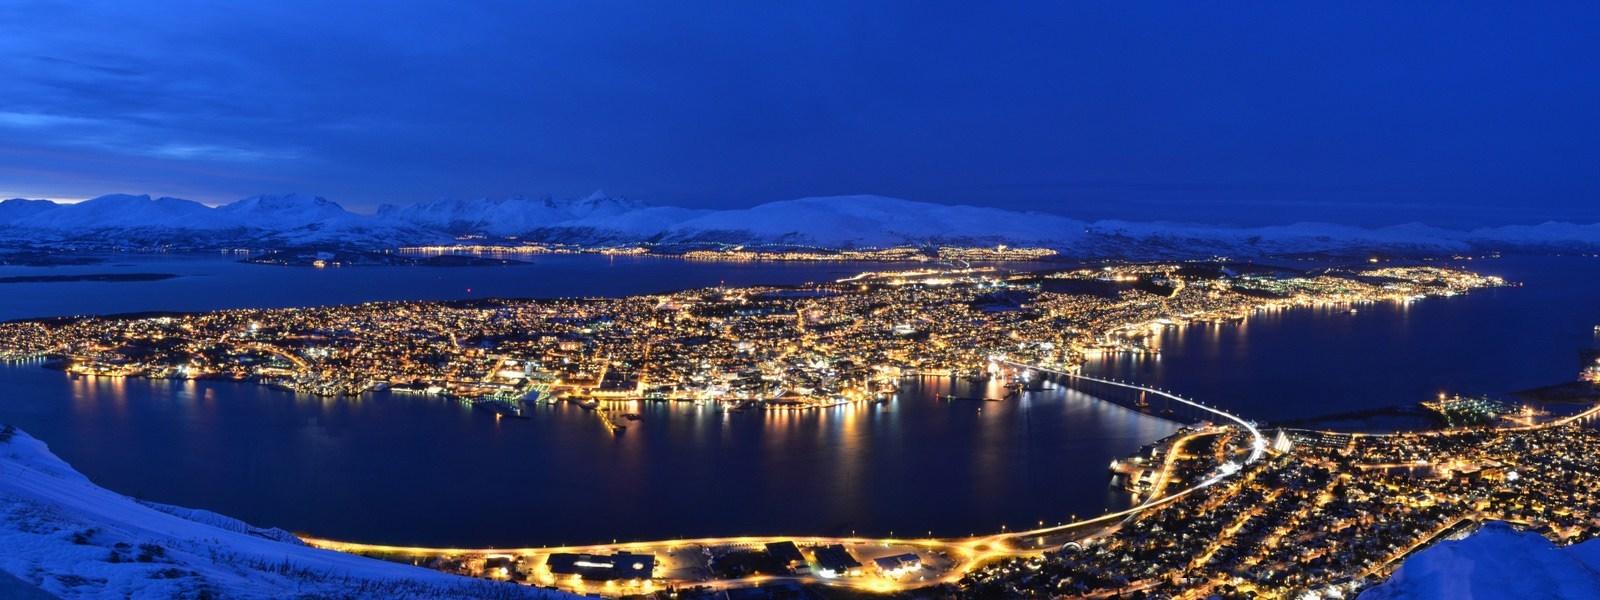 02-Tromsø-www.peignee-verticale.com_